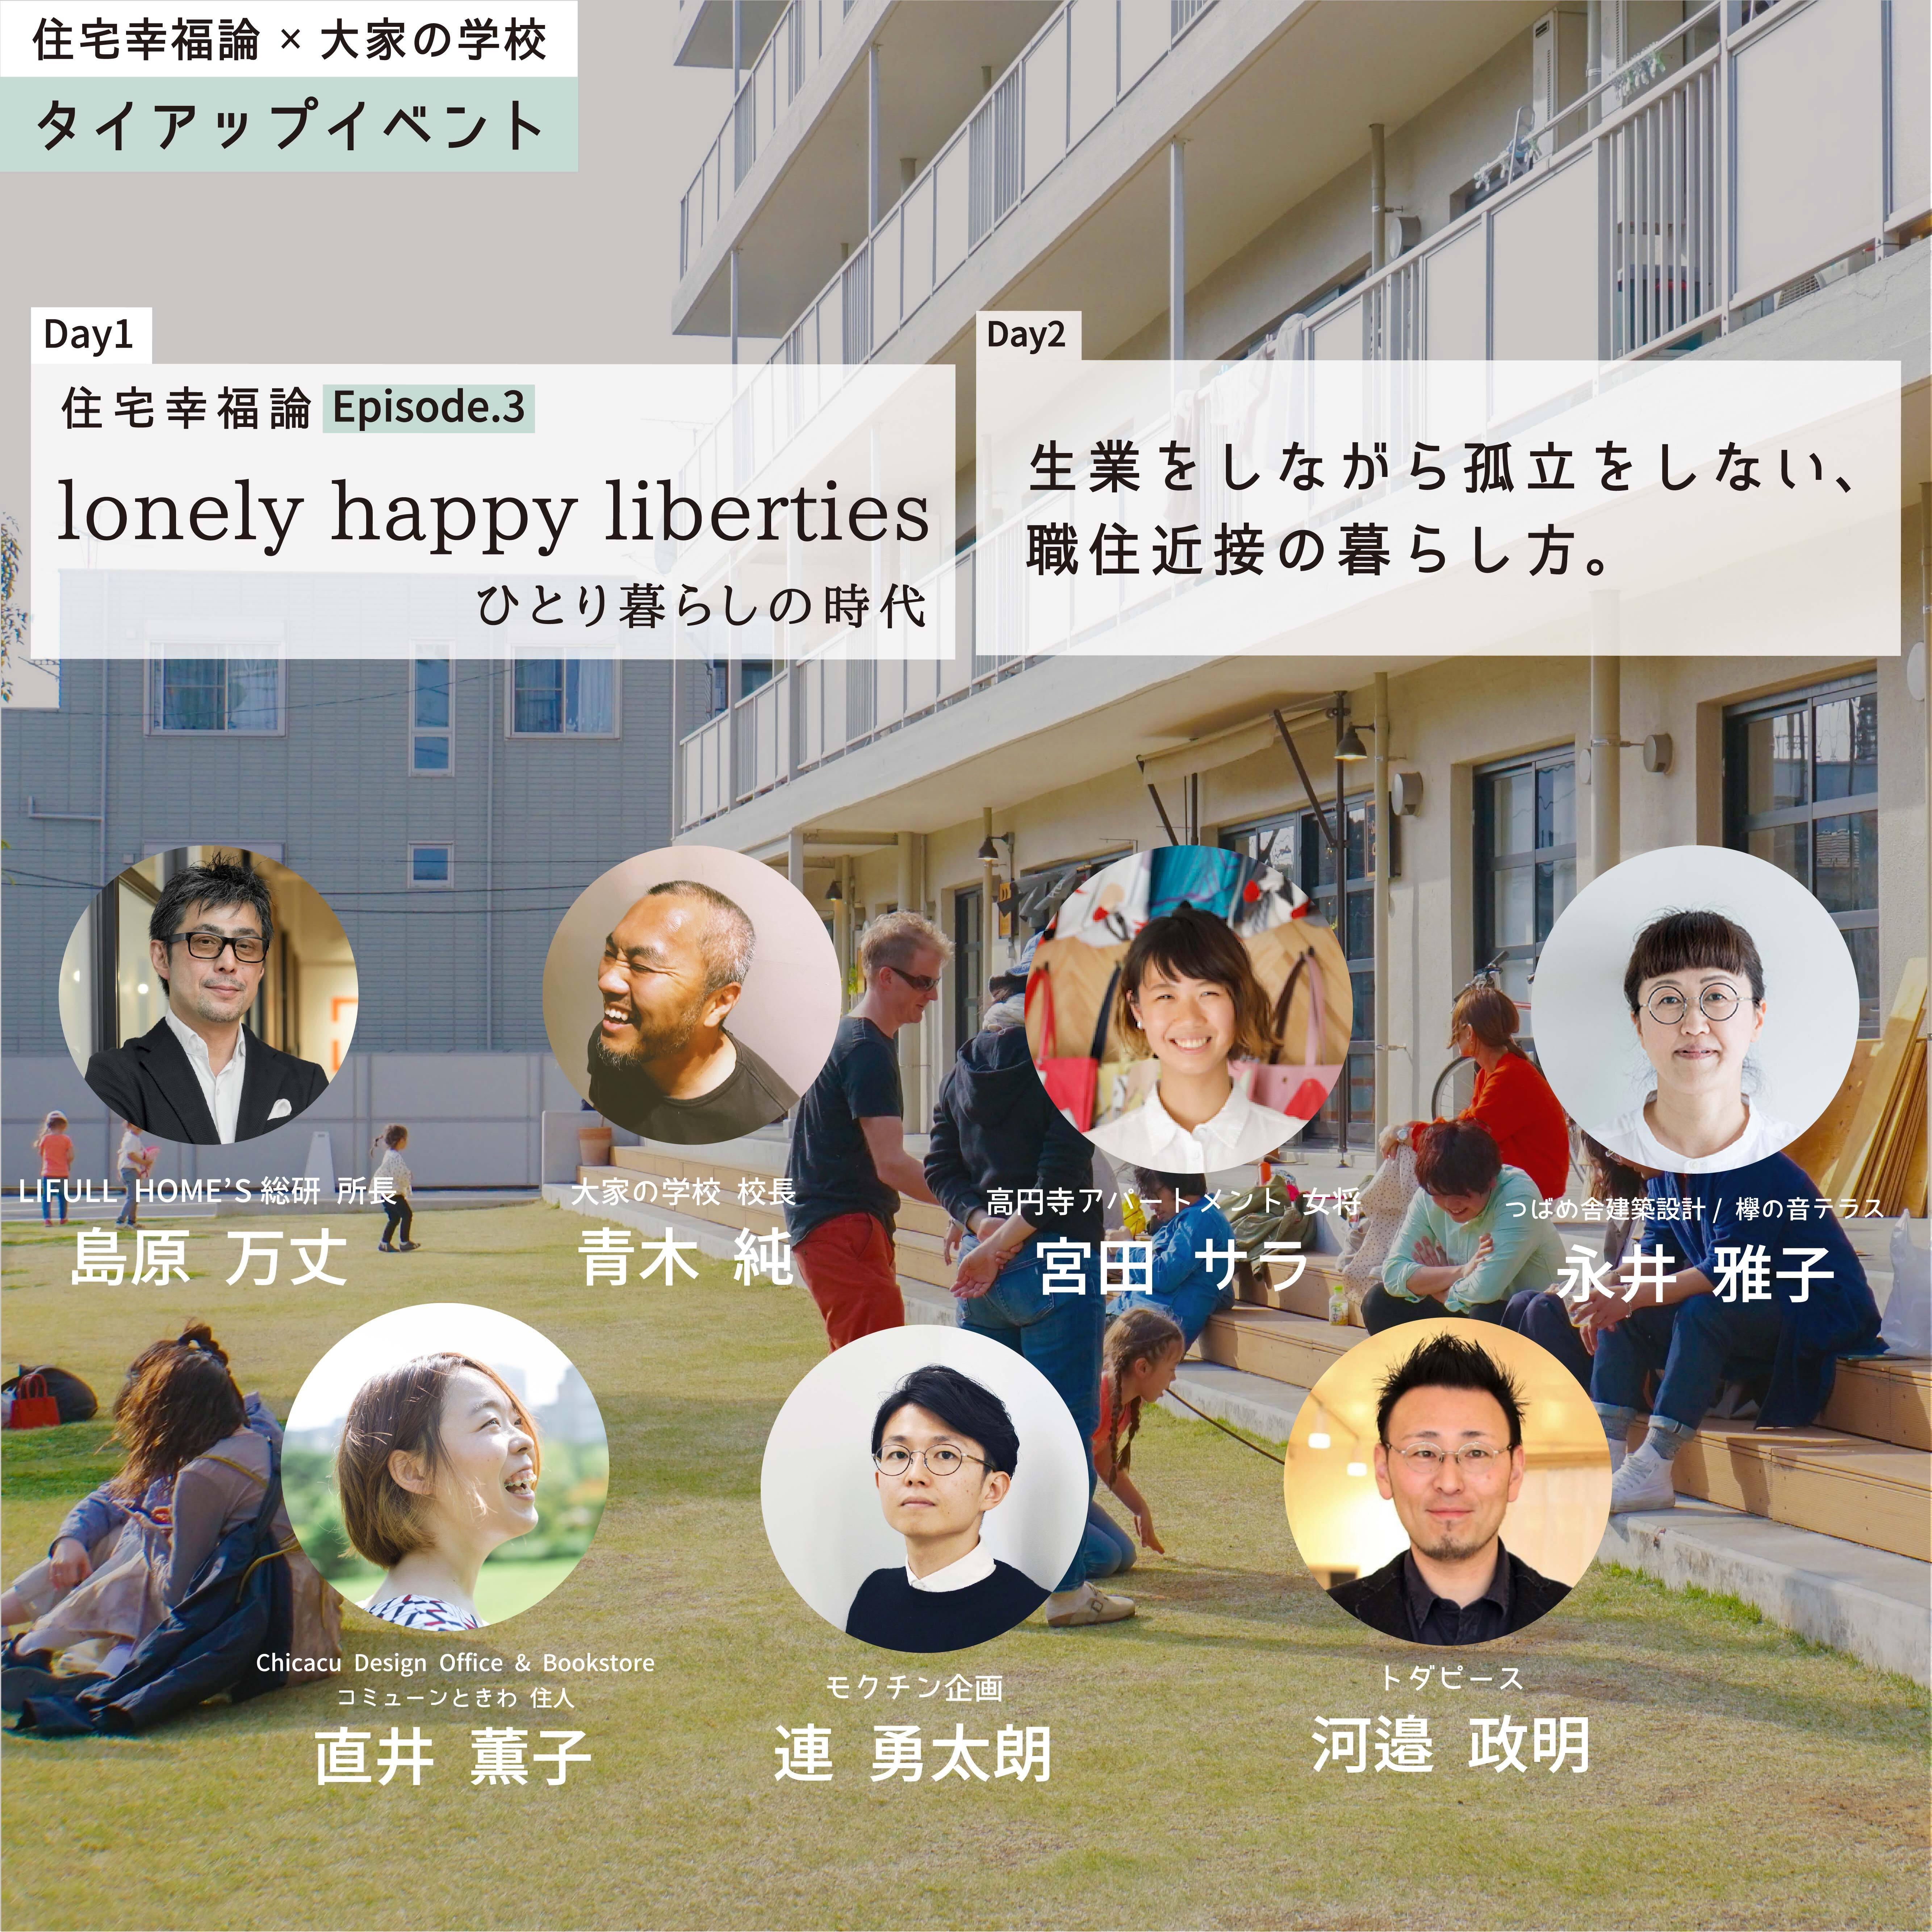 『住宅幸福論 Episode3 lonely happy liberties ひとり暮らしの時代』発表記念イベント